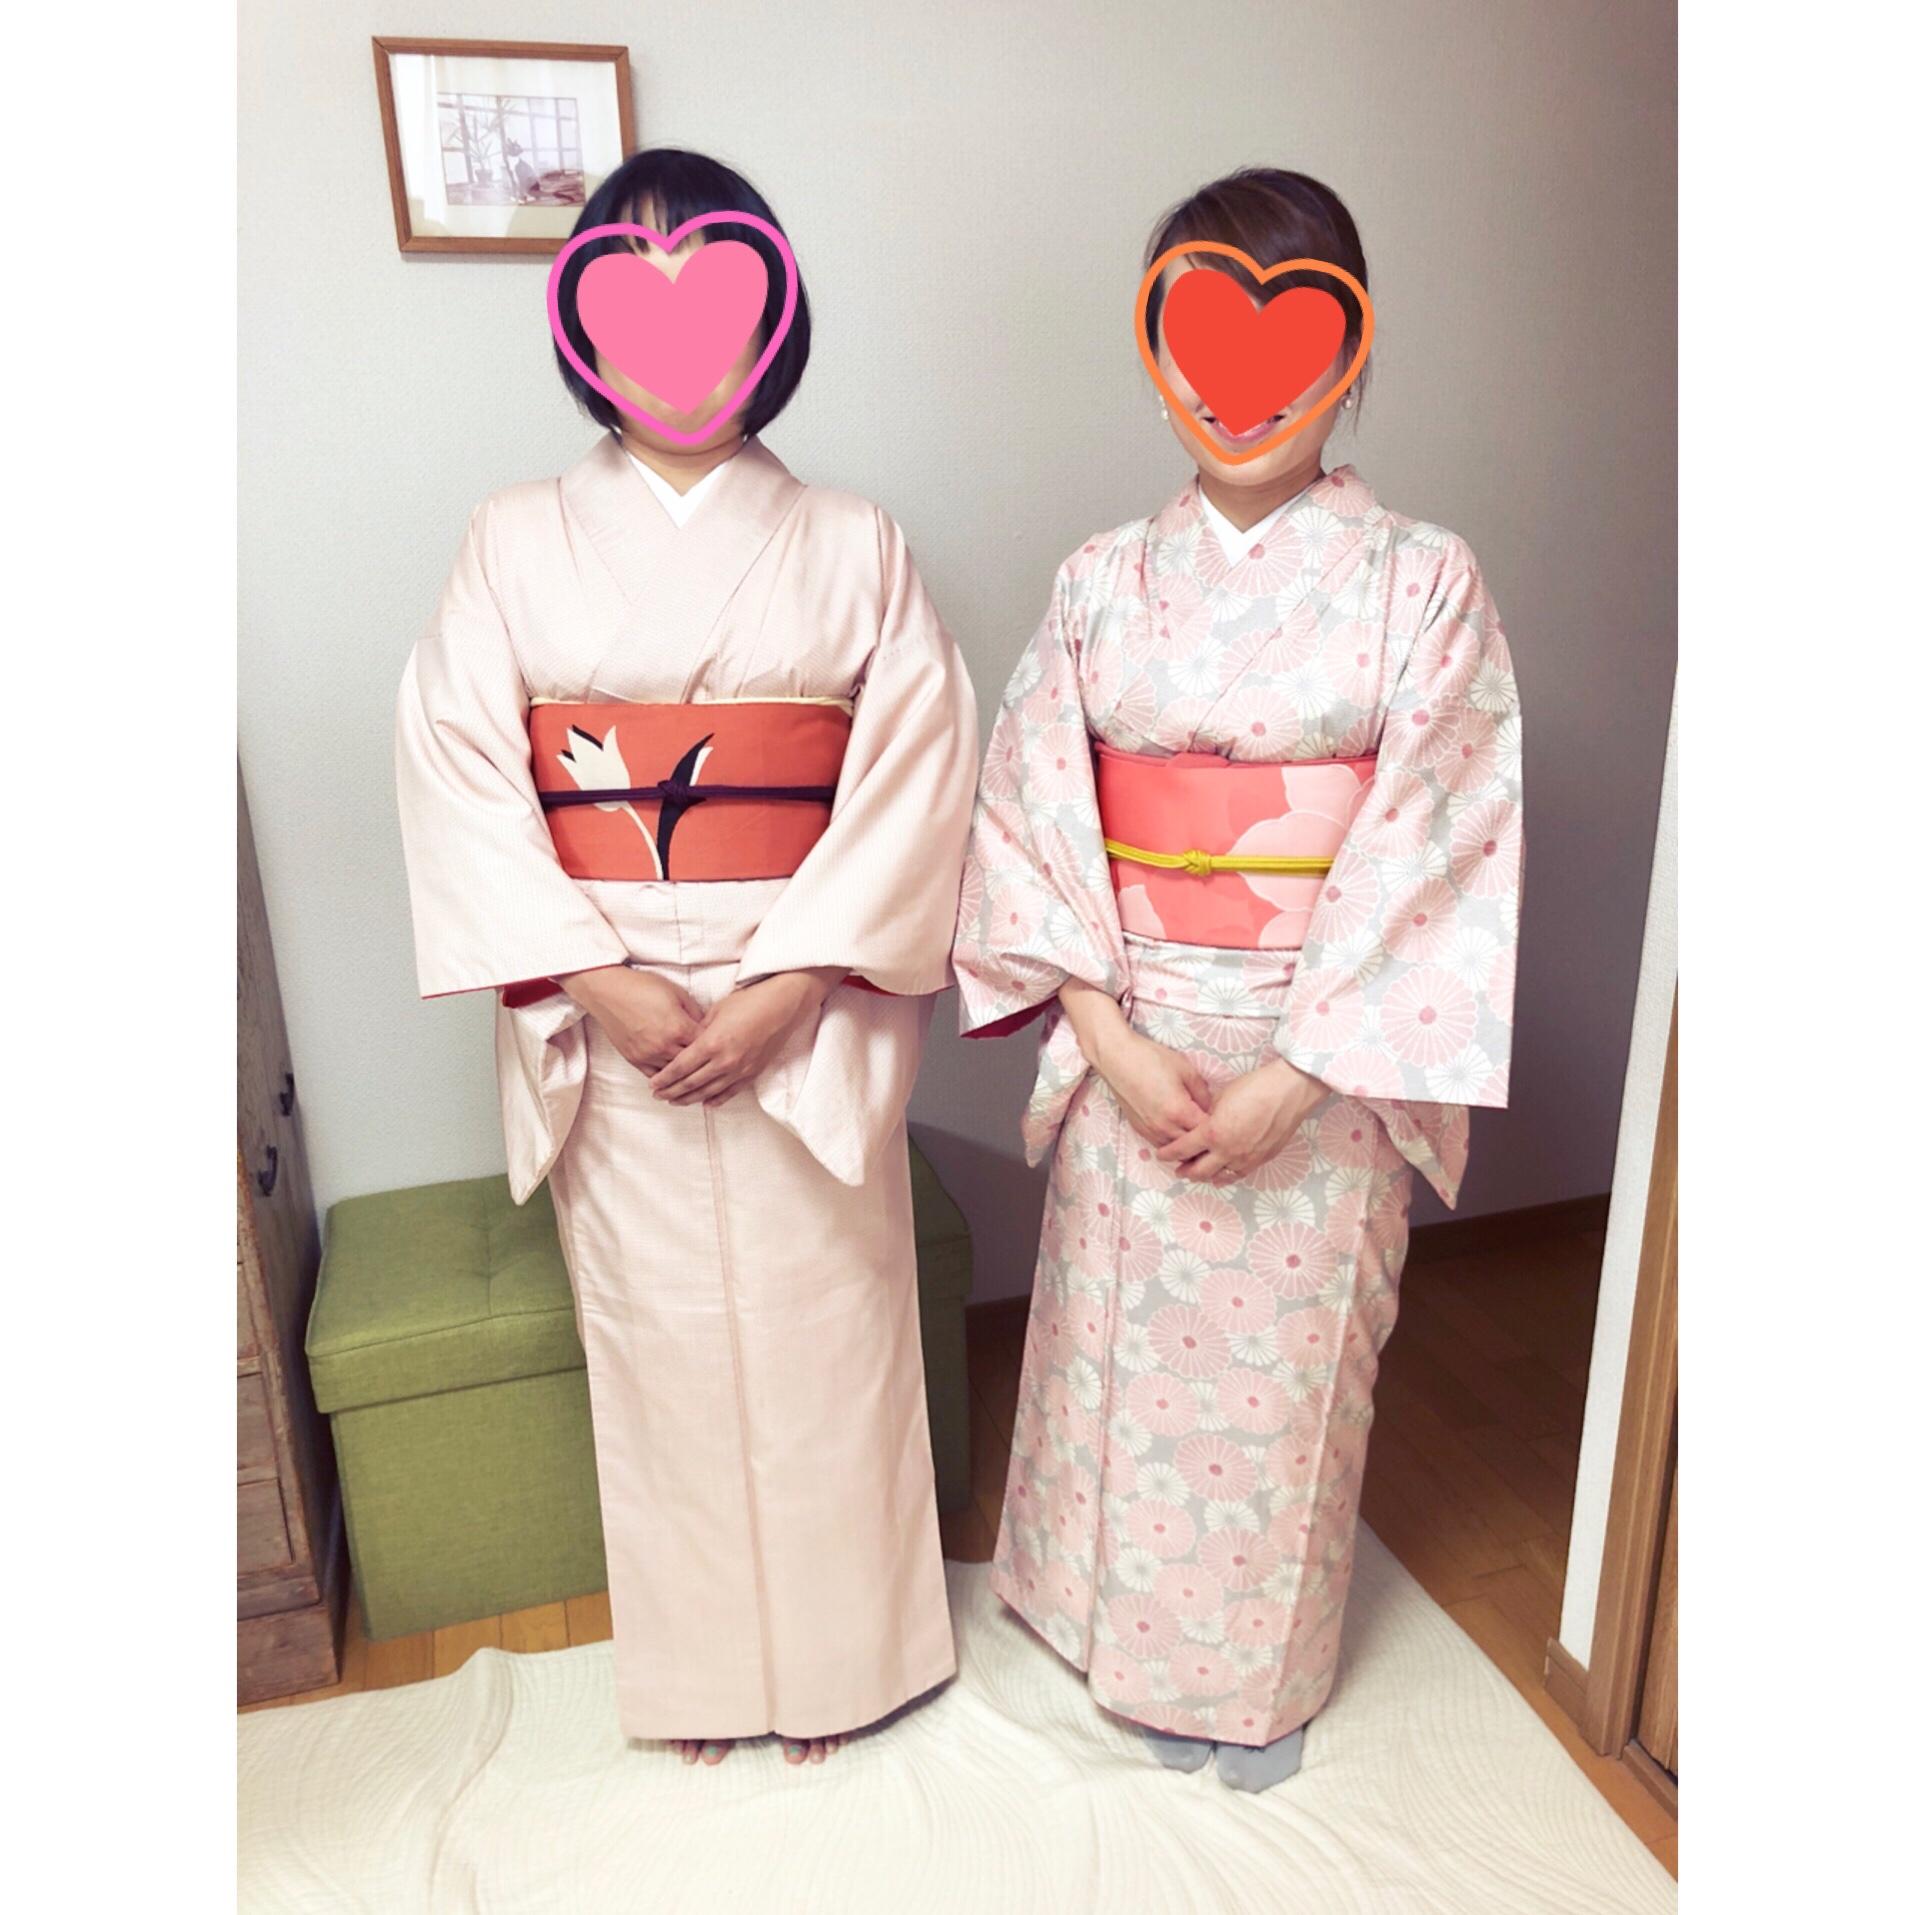 来春の入卒業式で着物で出席を考えられているお母様へ【大阪京橋の着付け教室きものたまより】